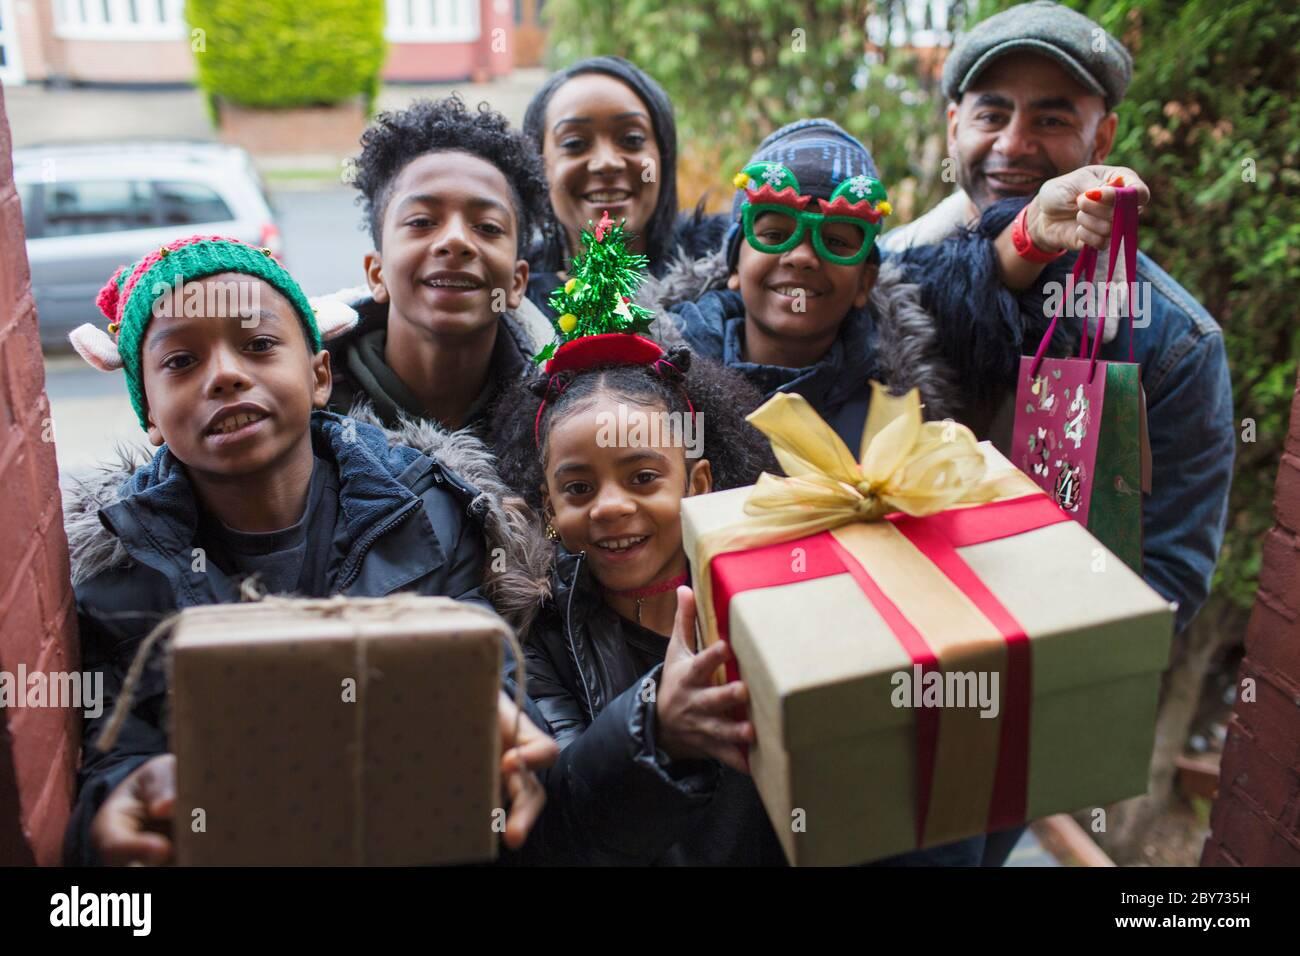 Ritratto felice famiglia arrivo con regali di Natale alla porta d'ingresso Foto Stock